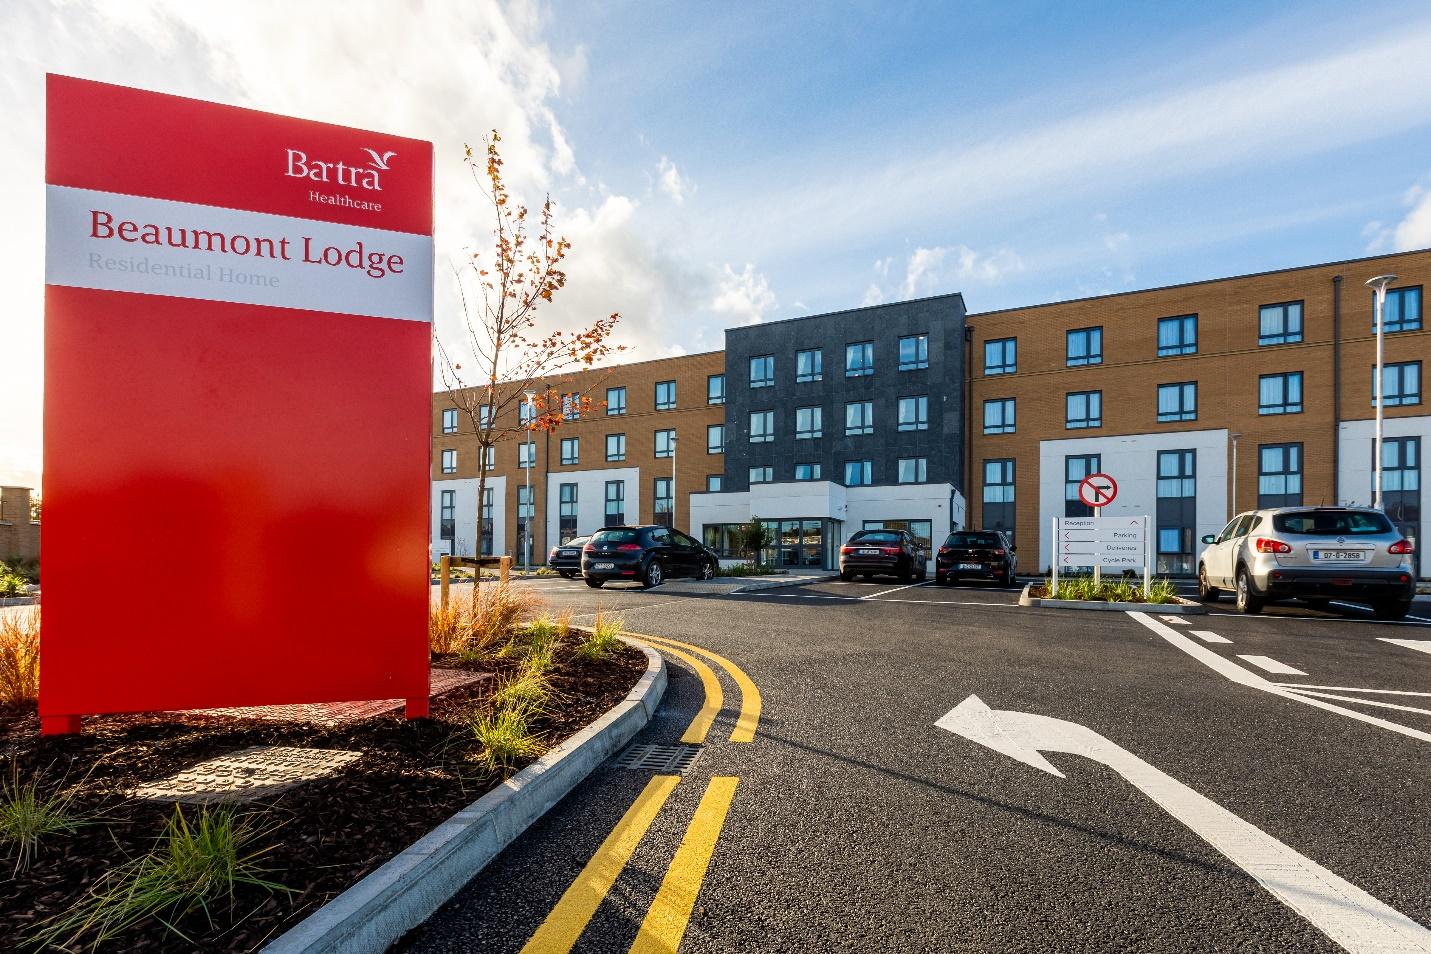 Beaumont - dự án Viện Dưỡng Lão lớn nhất của Bartra đã hoàn công và khai trương, thuộc chương trình Đầu tư Định cư IIP.